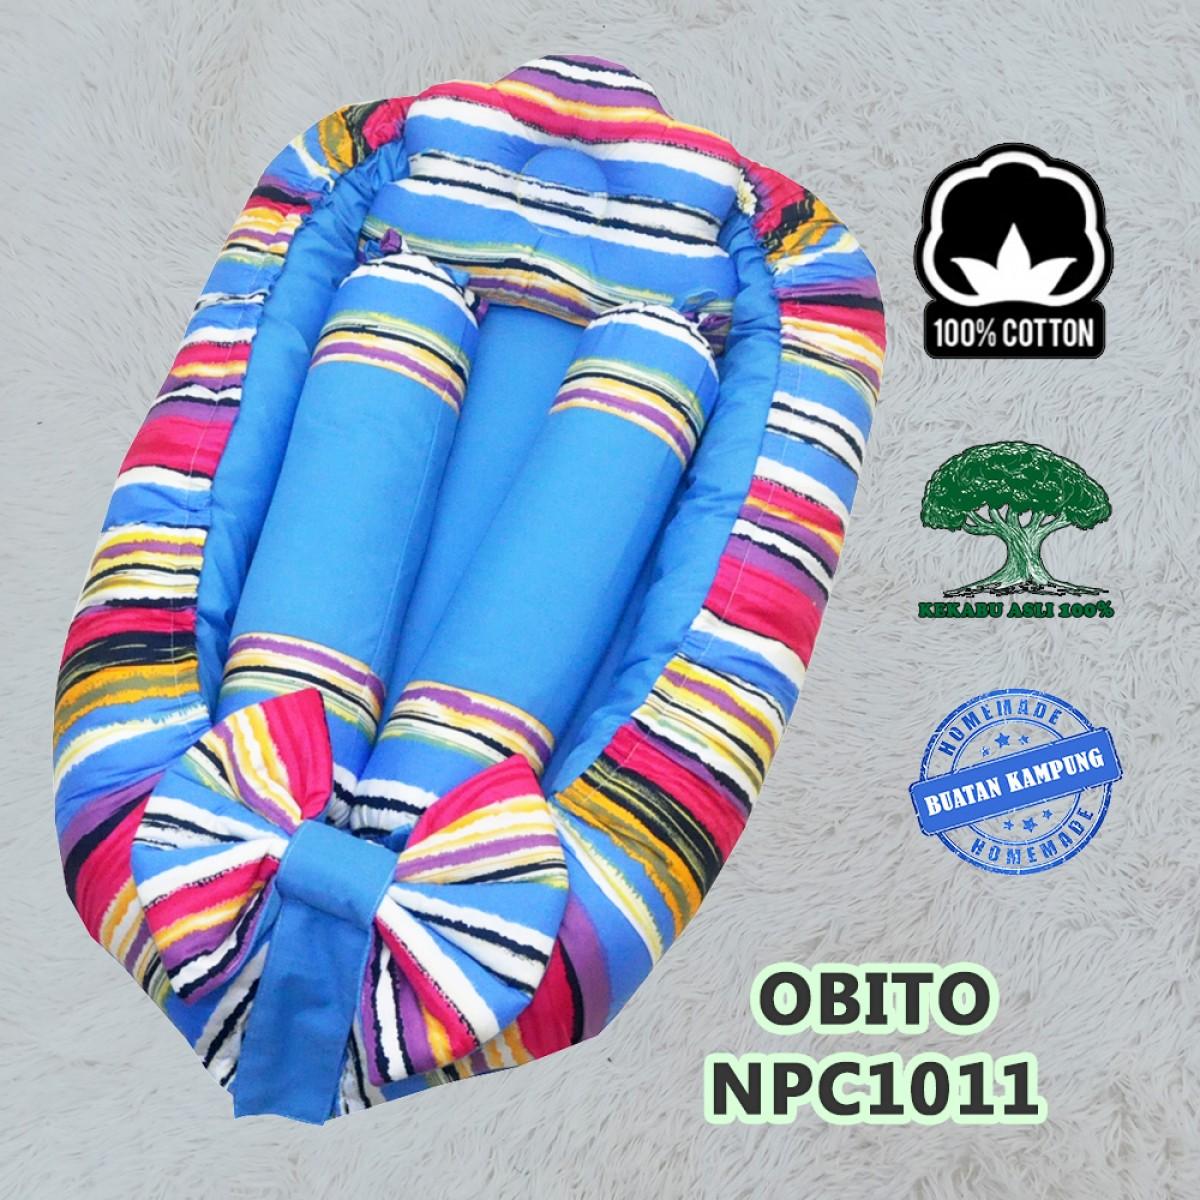 Obito - Kico Baby Center